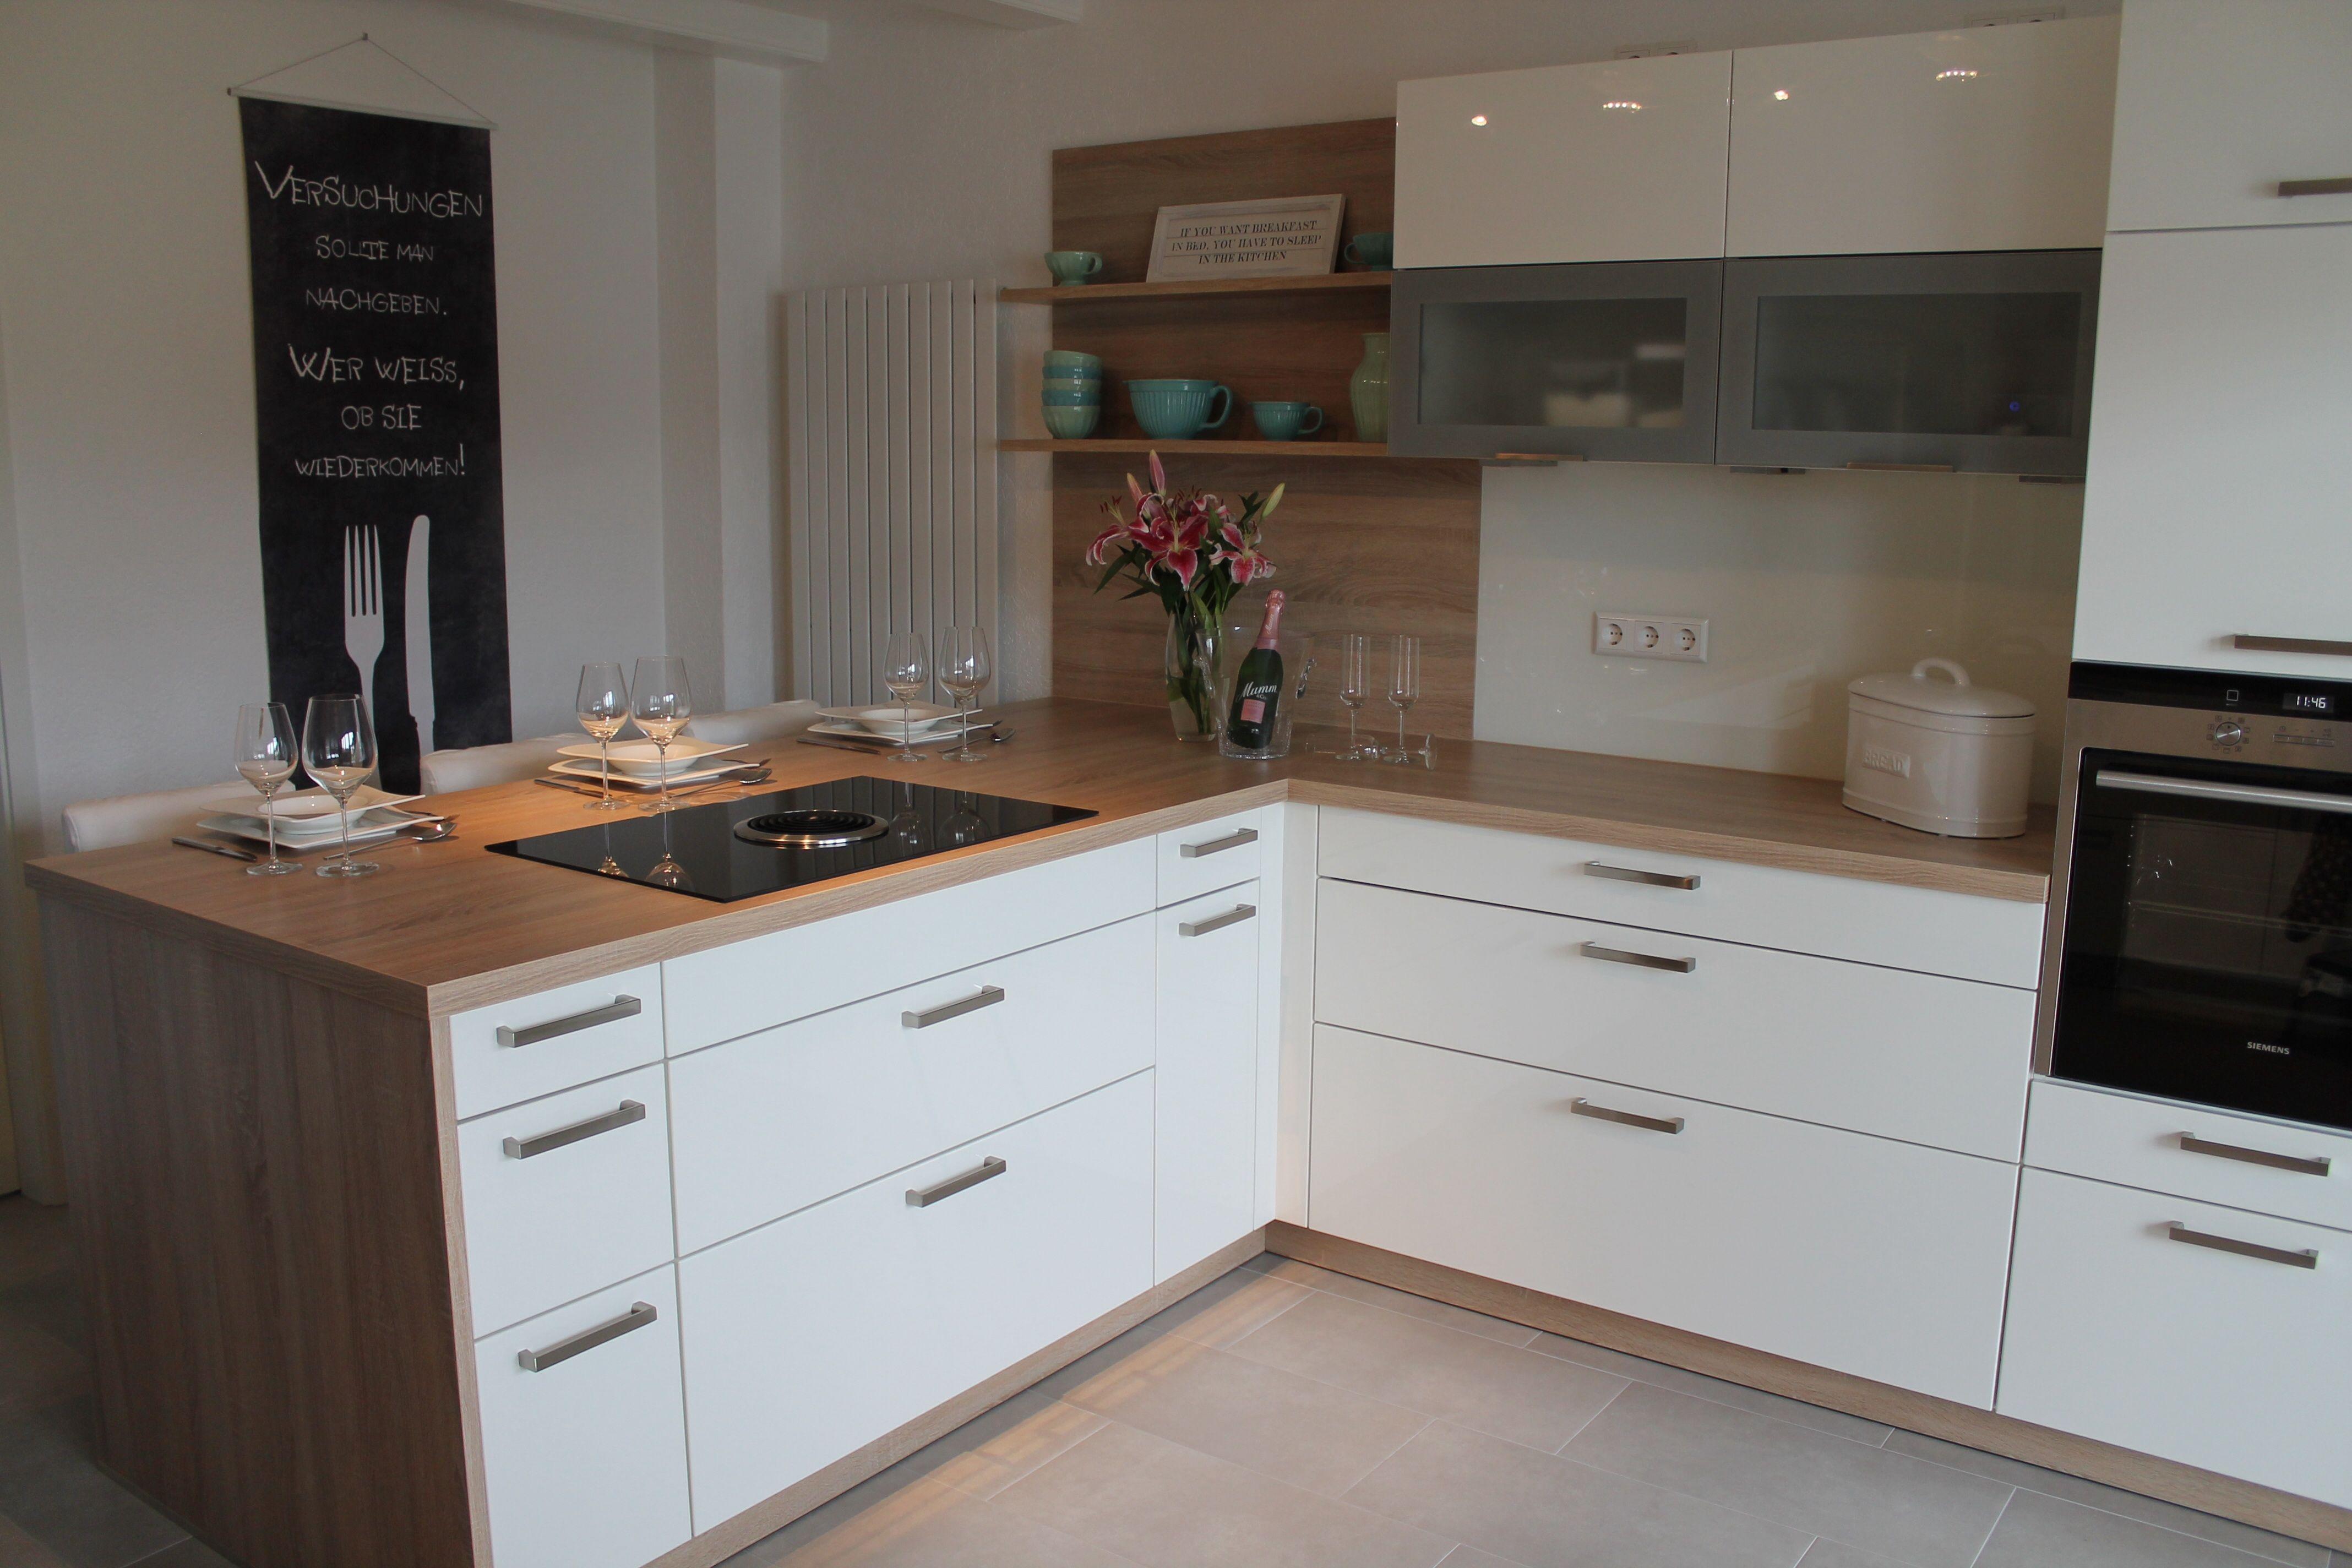 Küchentraum unser küchentraum kitchen dreams bora basic ib laursen deco